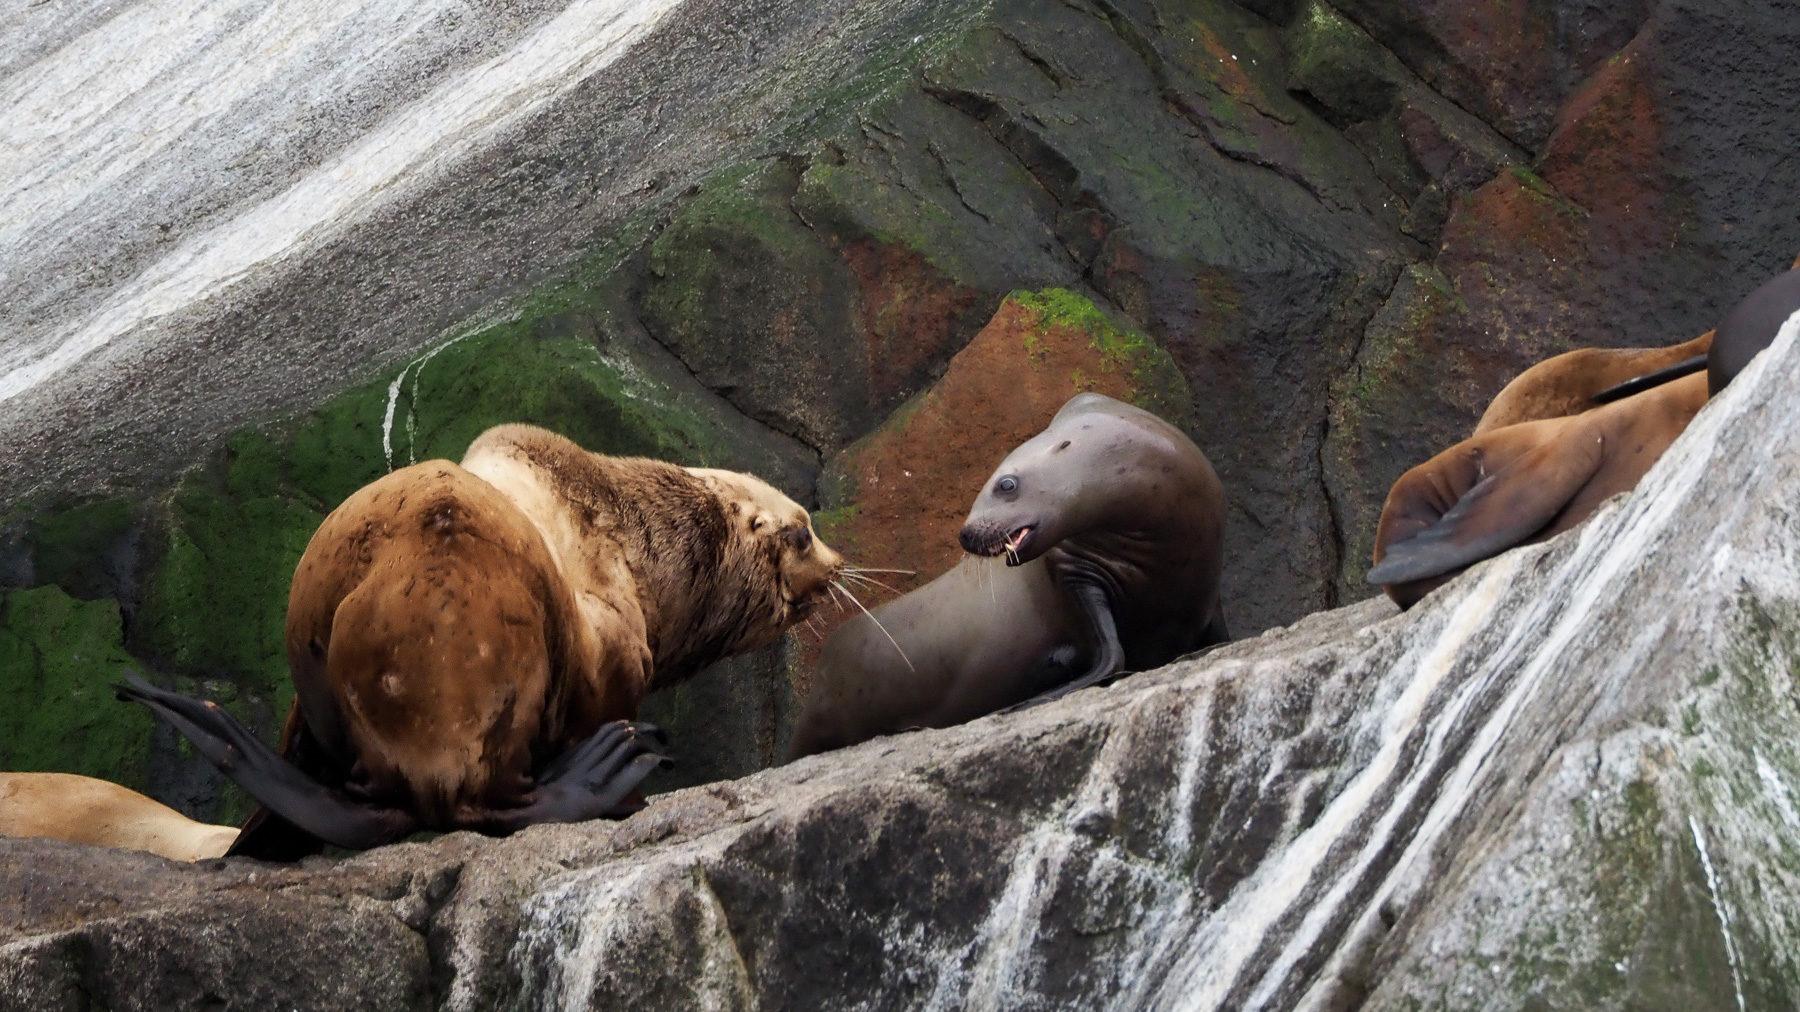 der große Seelöwenbulle greift in den Kampf ein